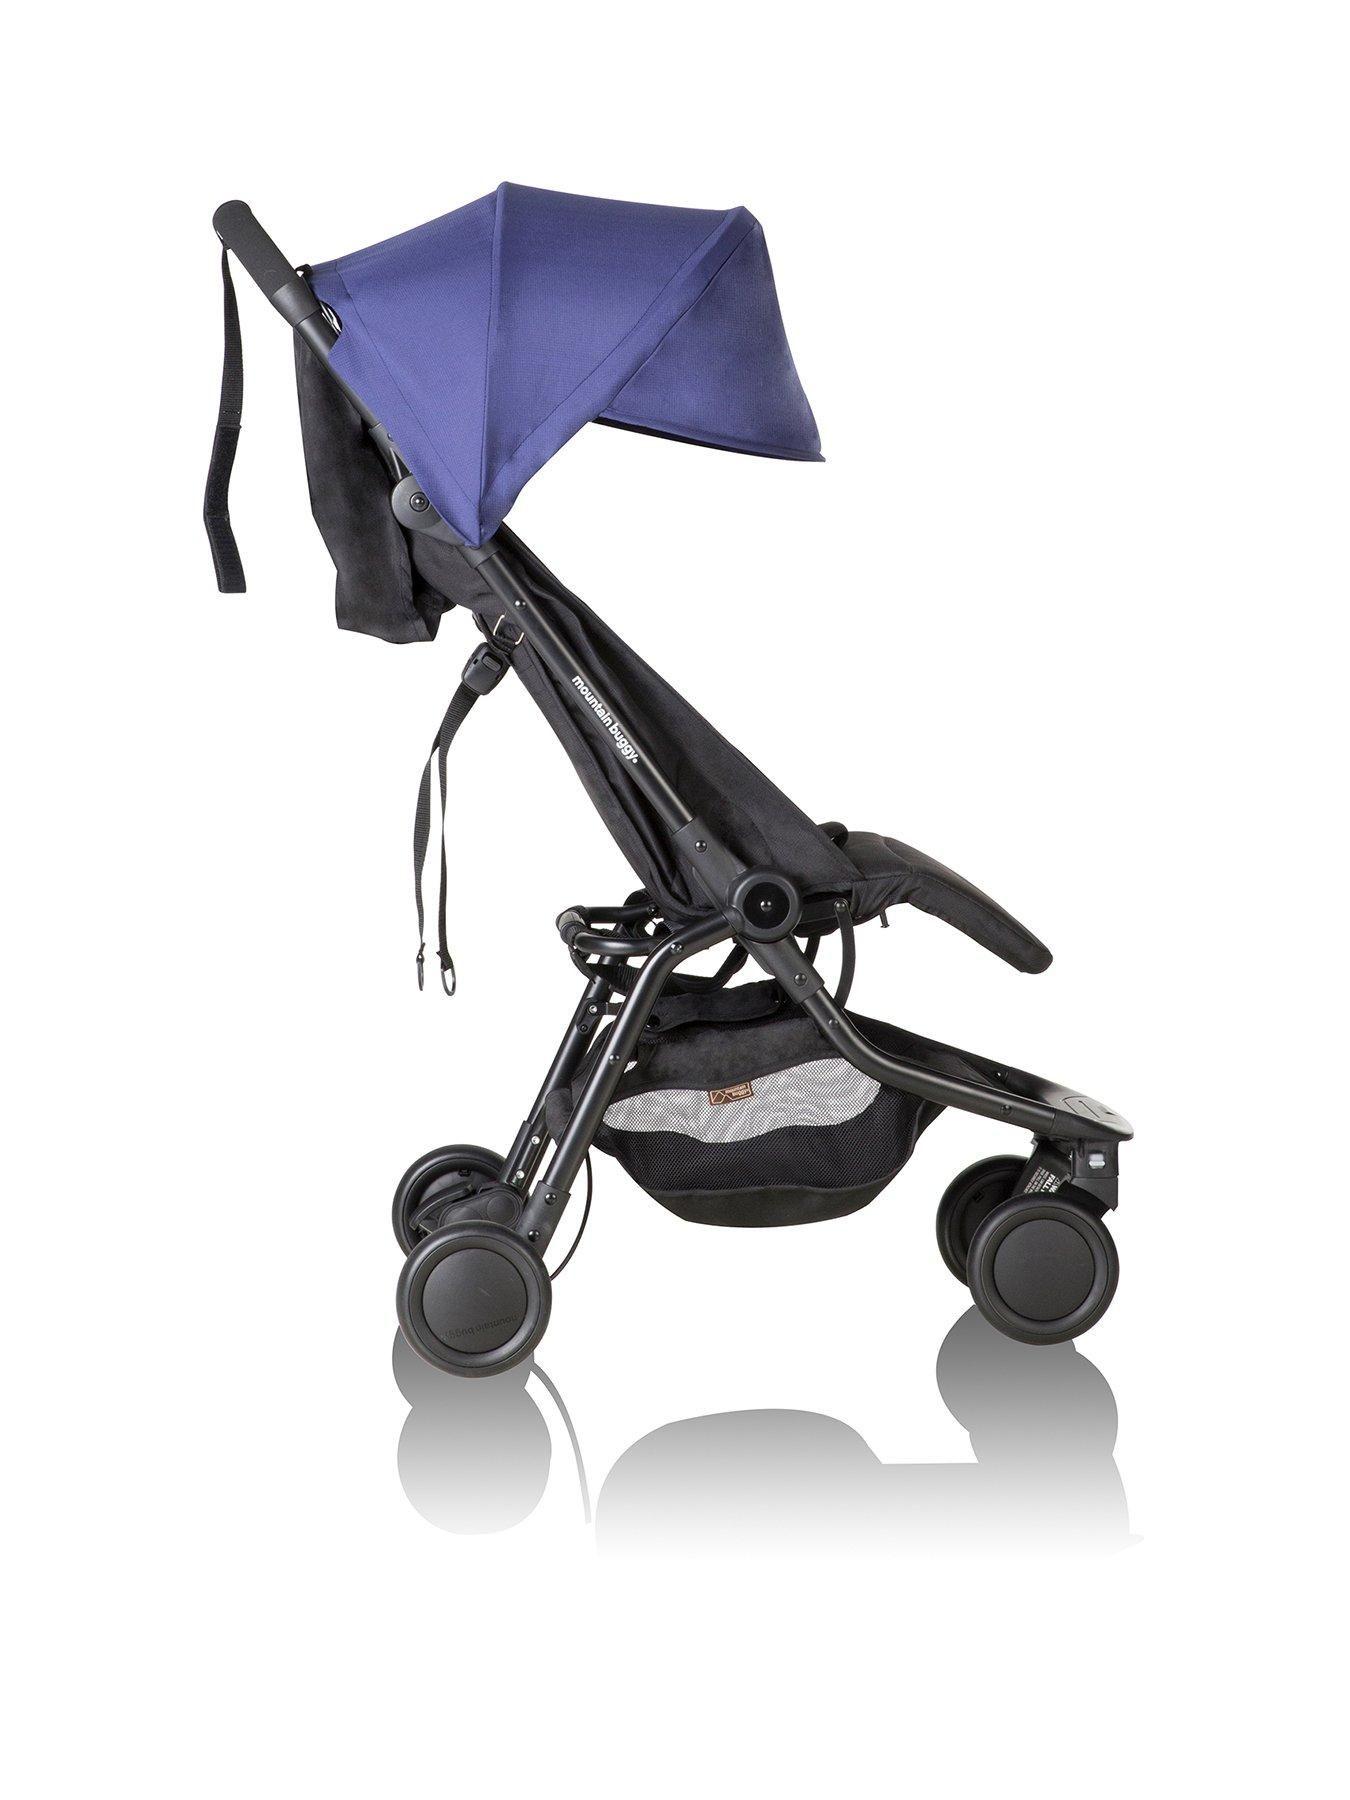 Mountain Buggy Nano Stroller Travel stroller, Mountain